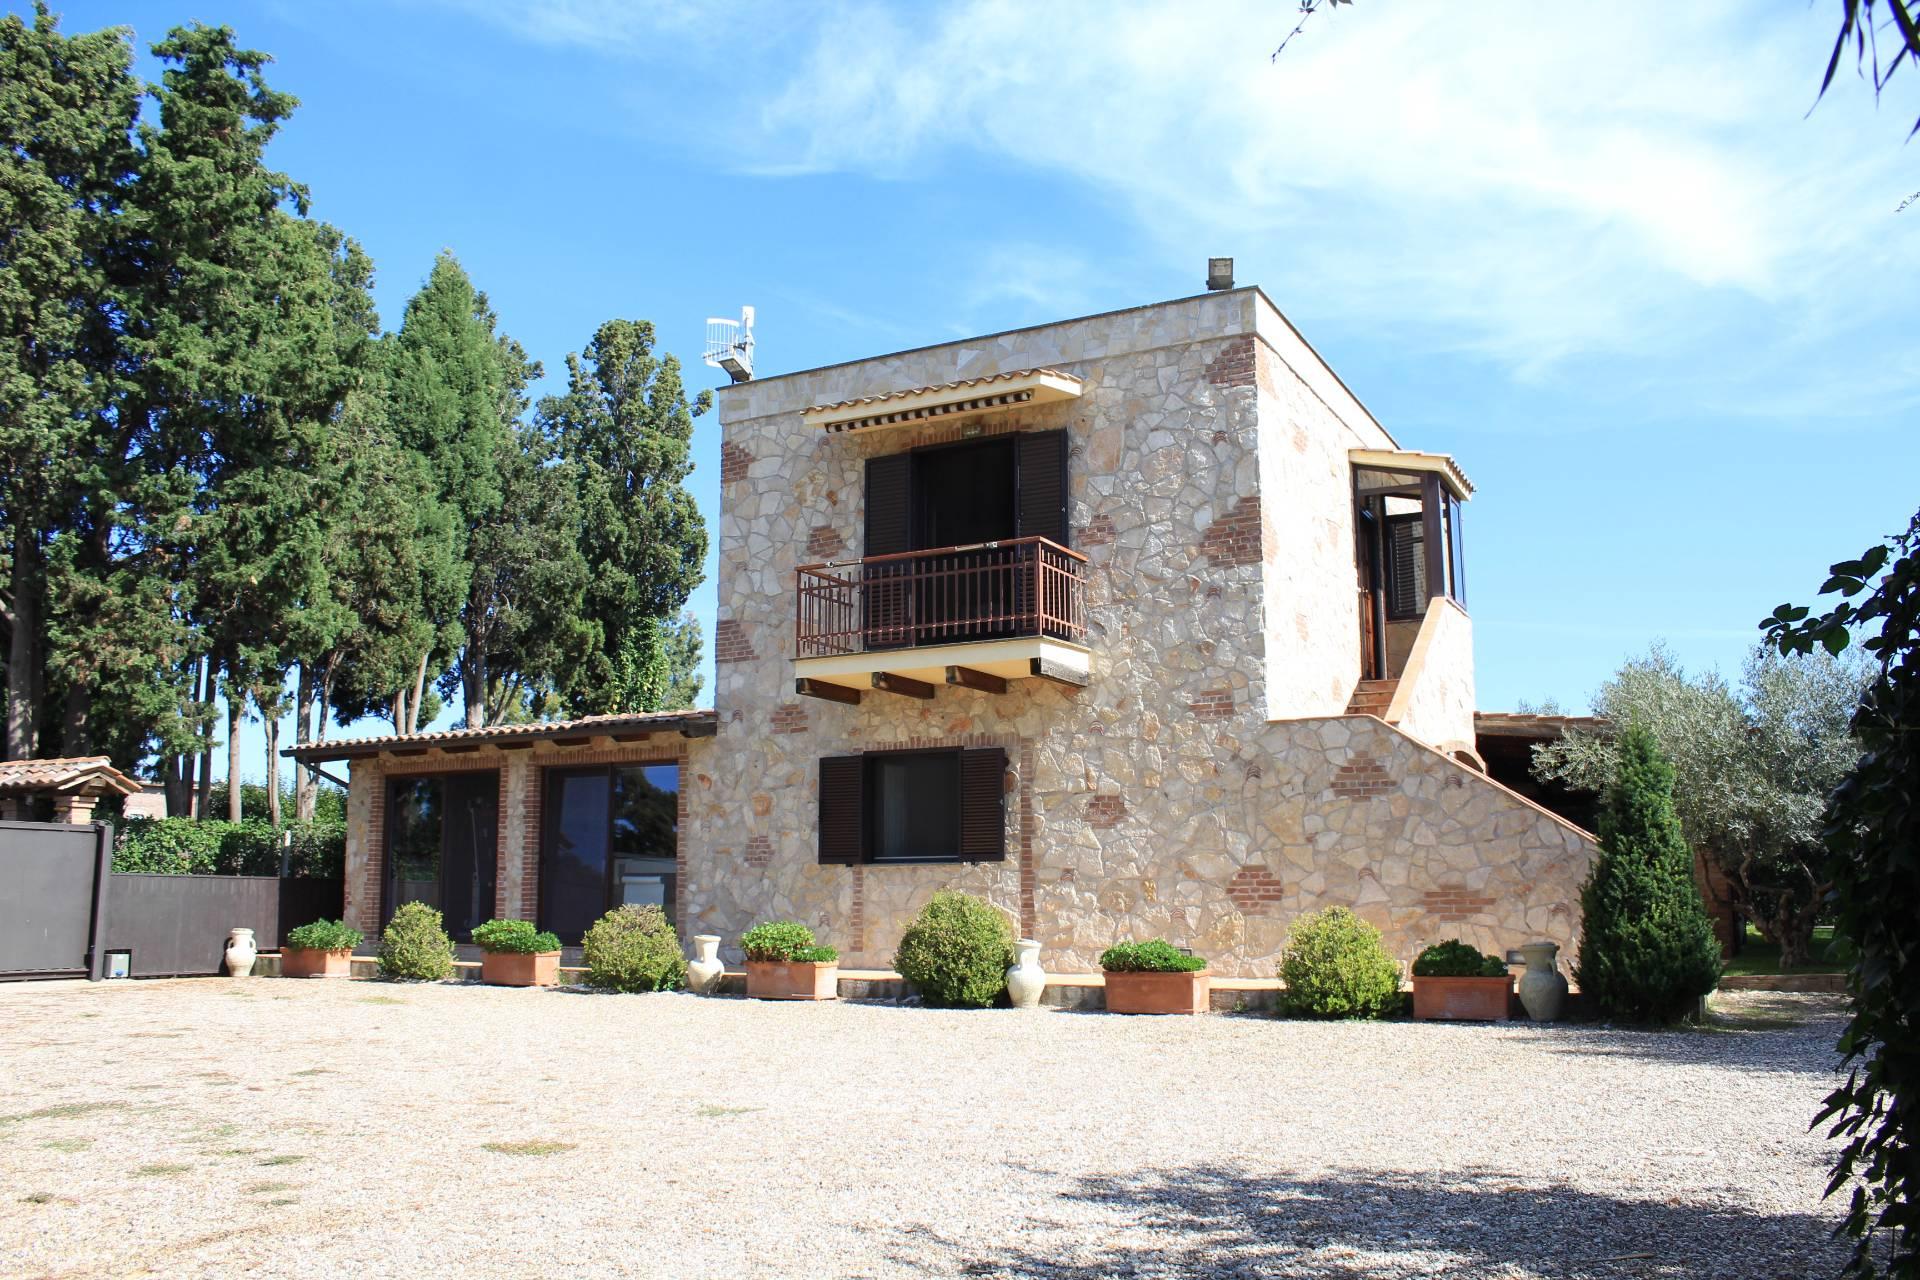 Altro in vendita a Tarquinia, 9999 locali, zona Località: Campagna, prezzo € 790.000 | CambioCasa.it